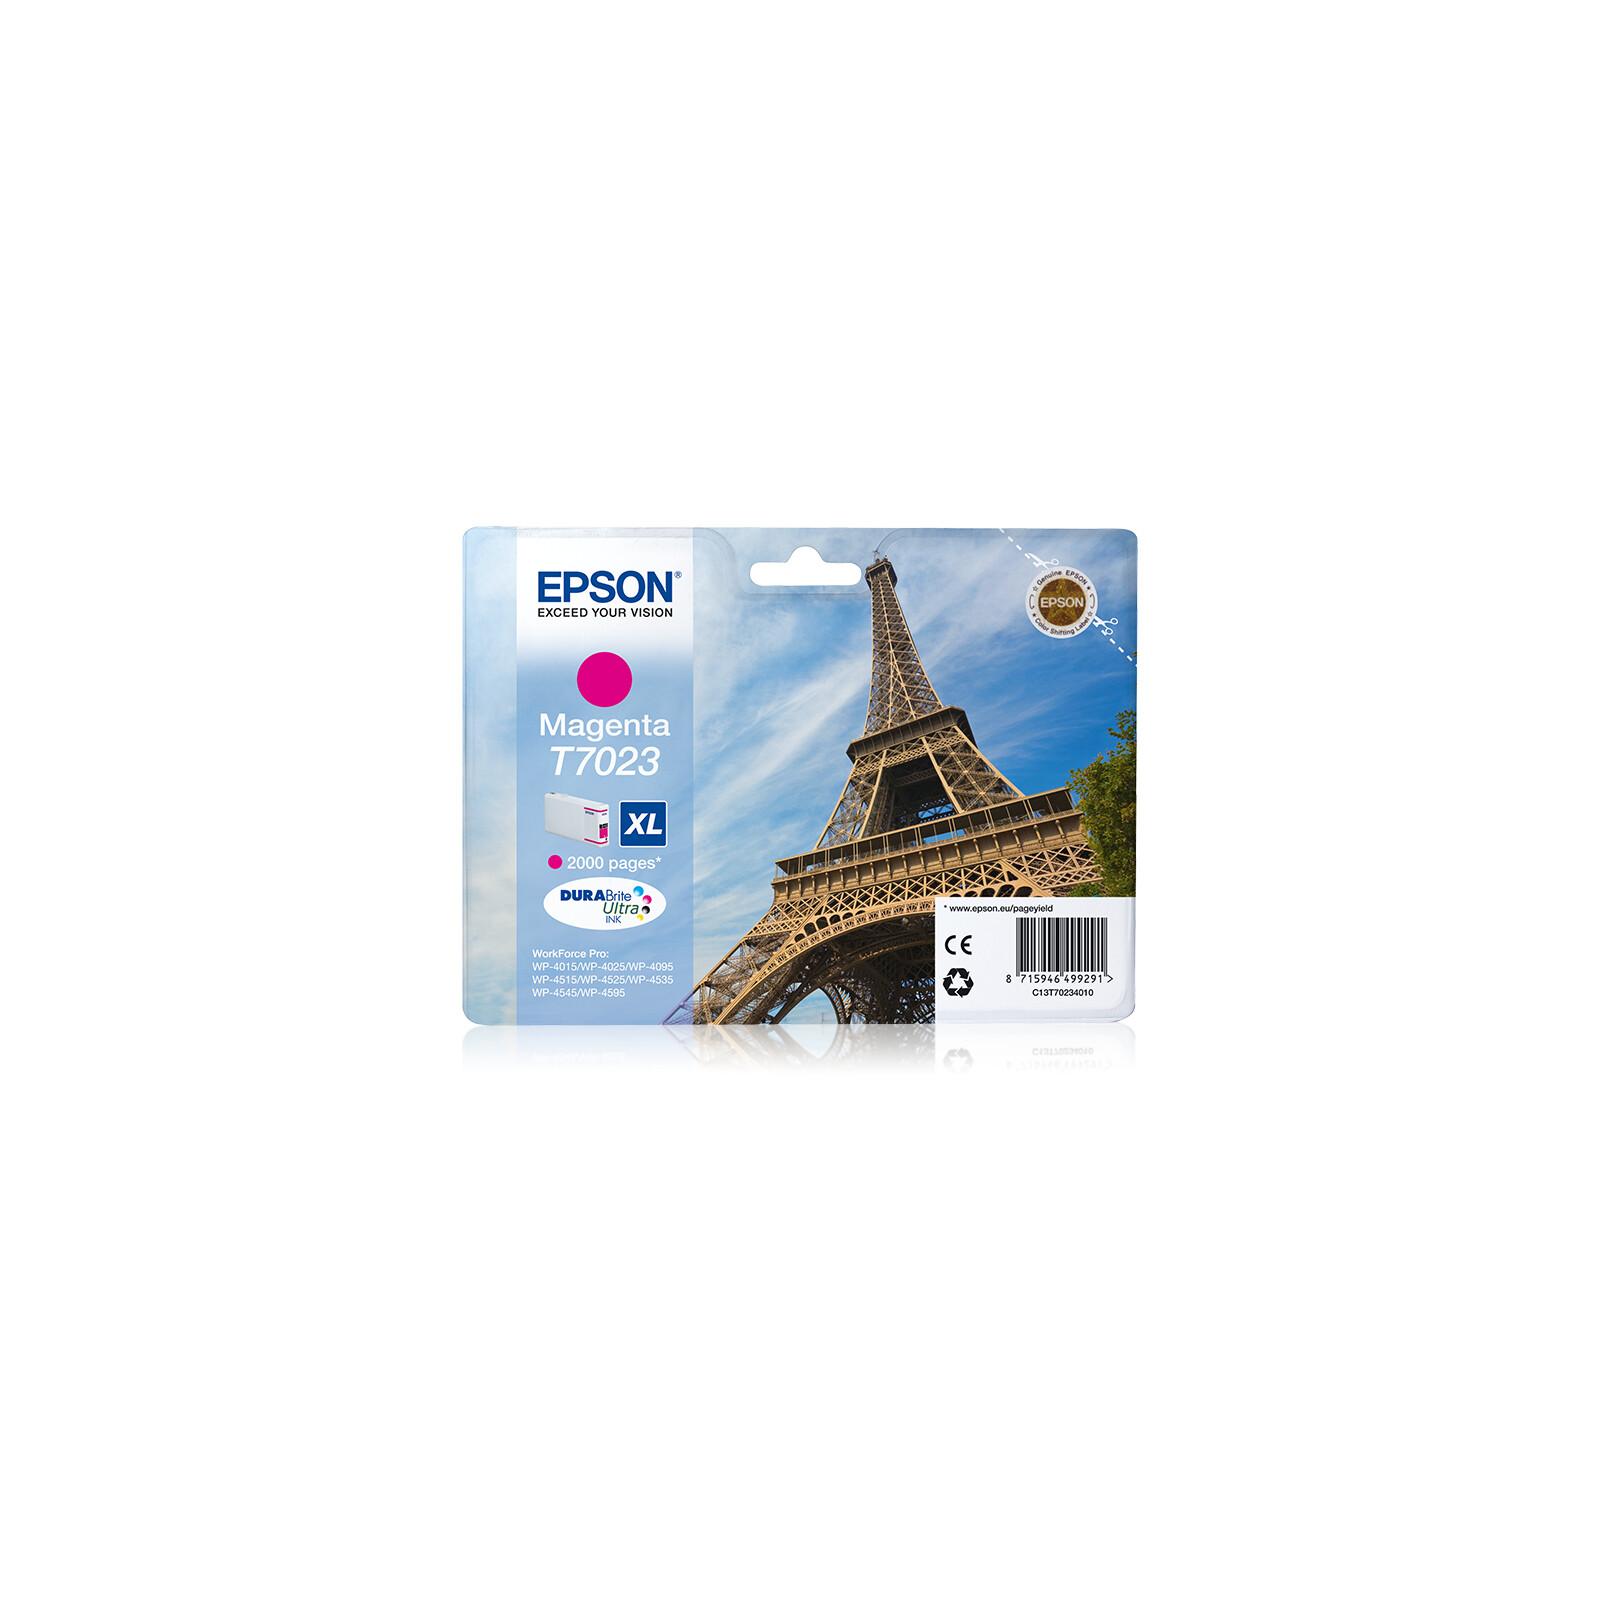 Epson T7023XL Tinte Magenta 21,3ml